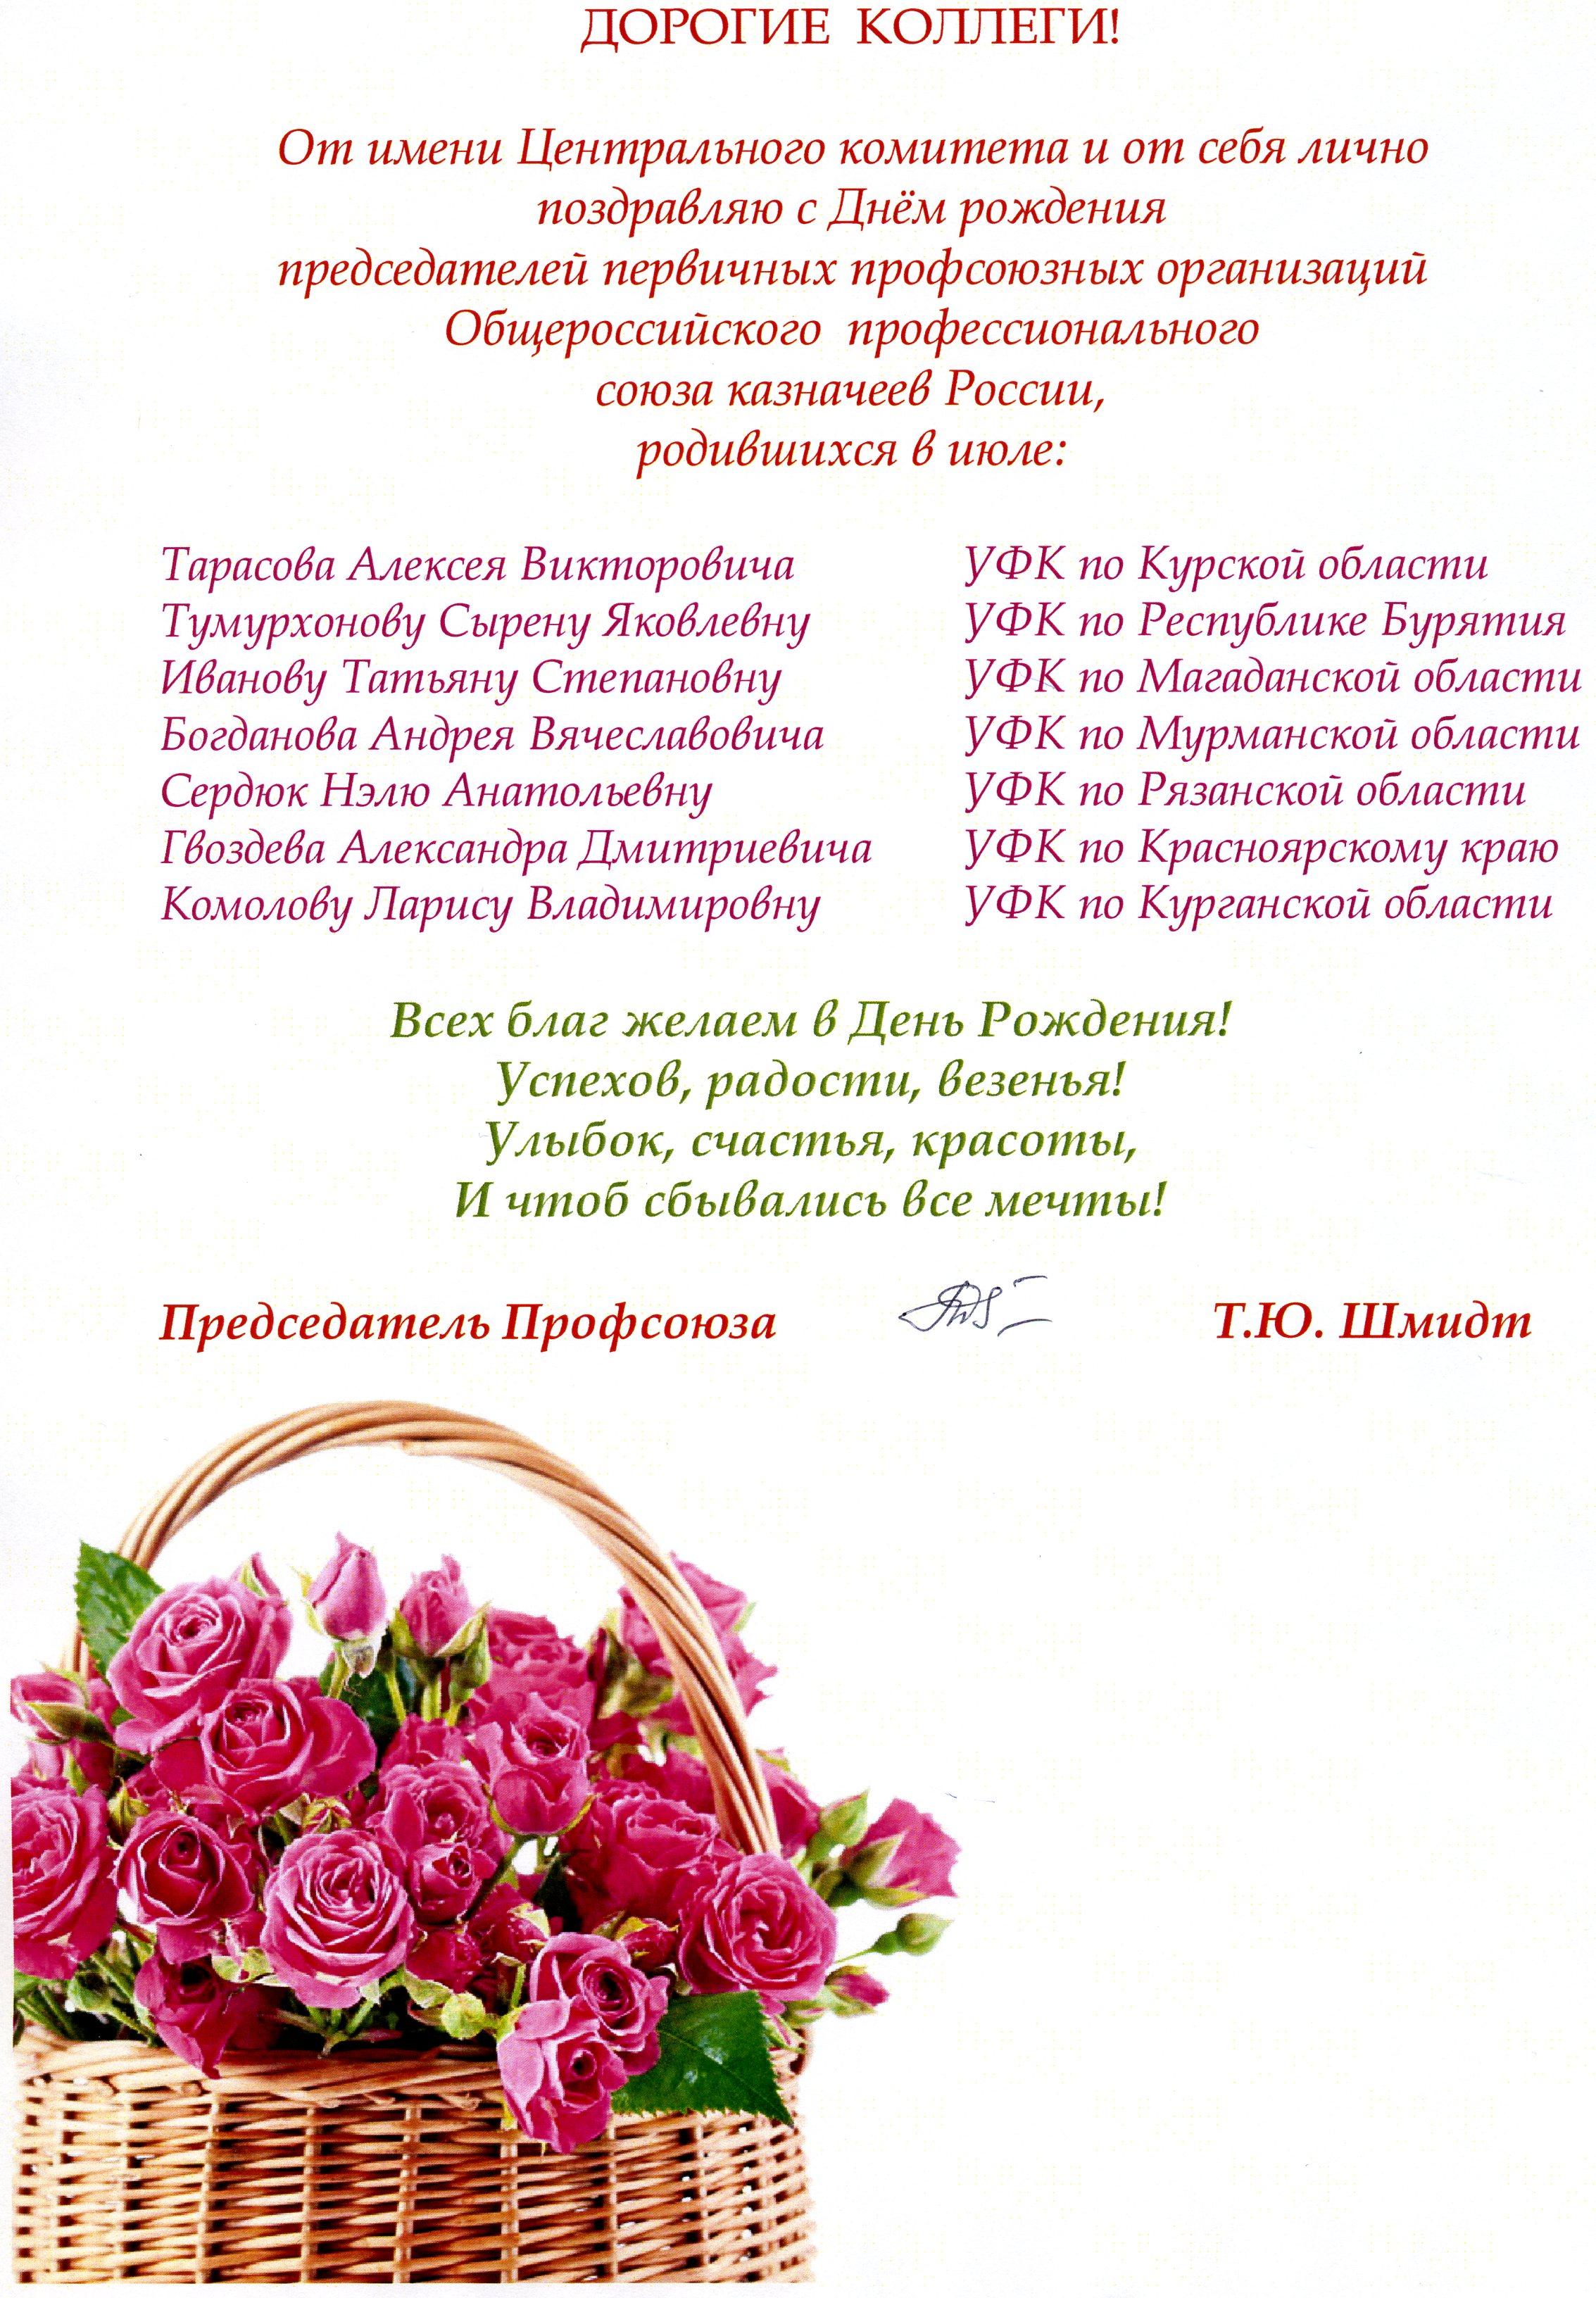 поздравление с юбилеем лидеру хилькевич